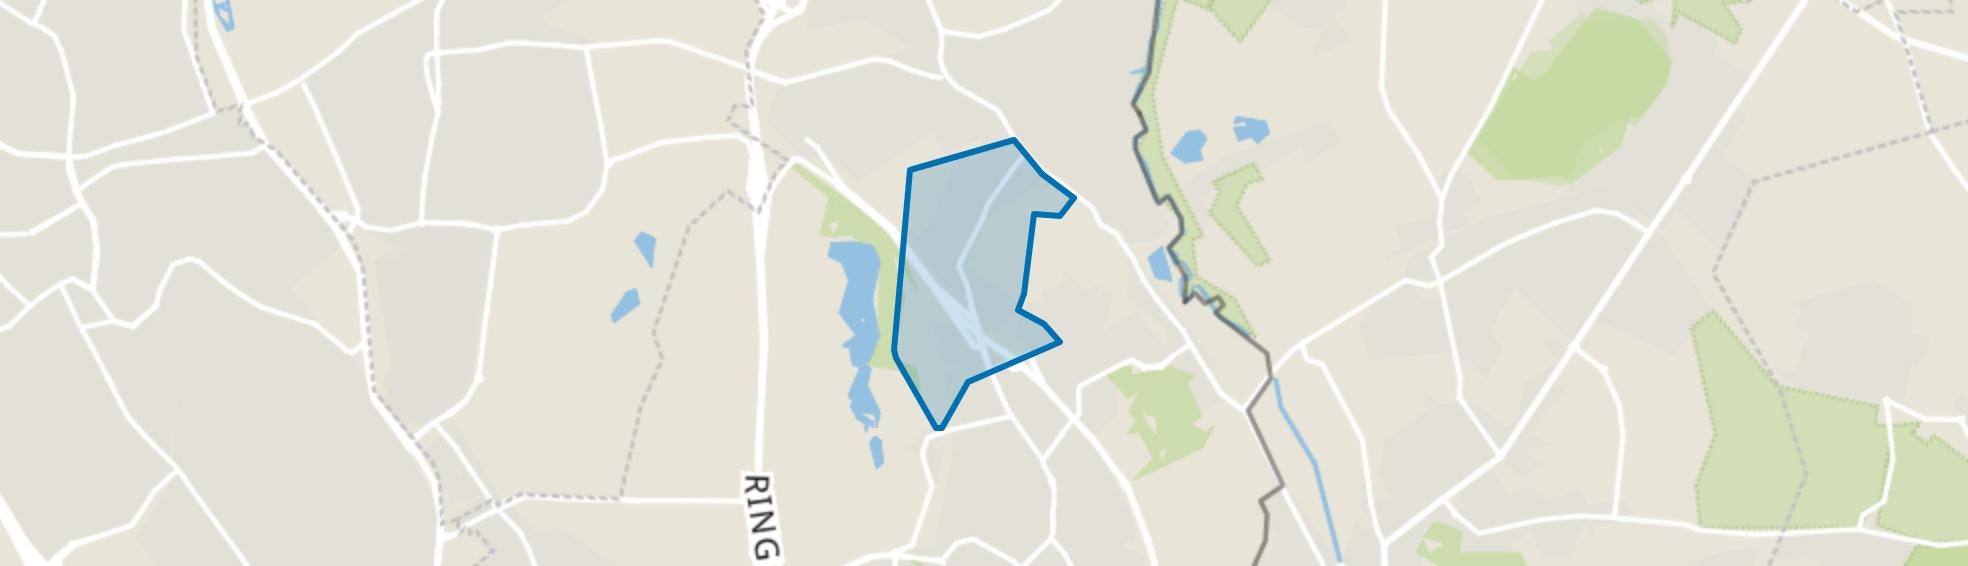 Vink, Kerkrade map